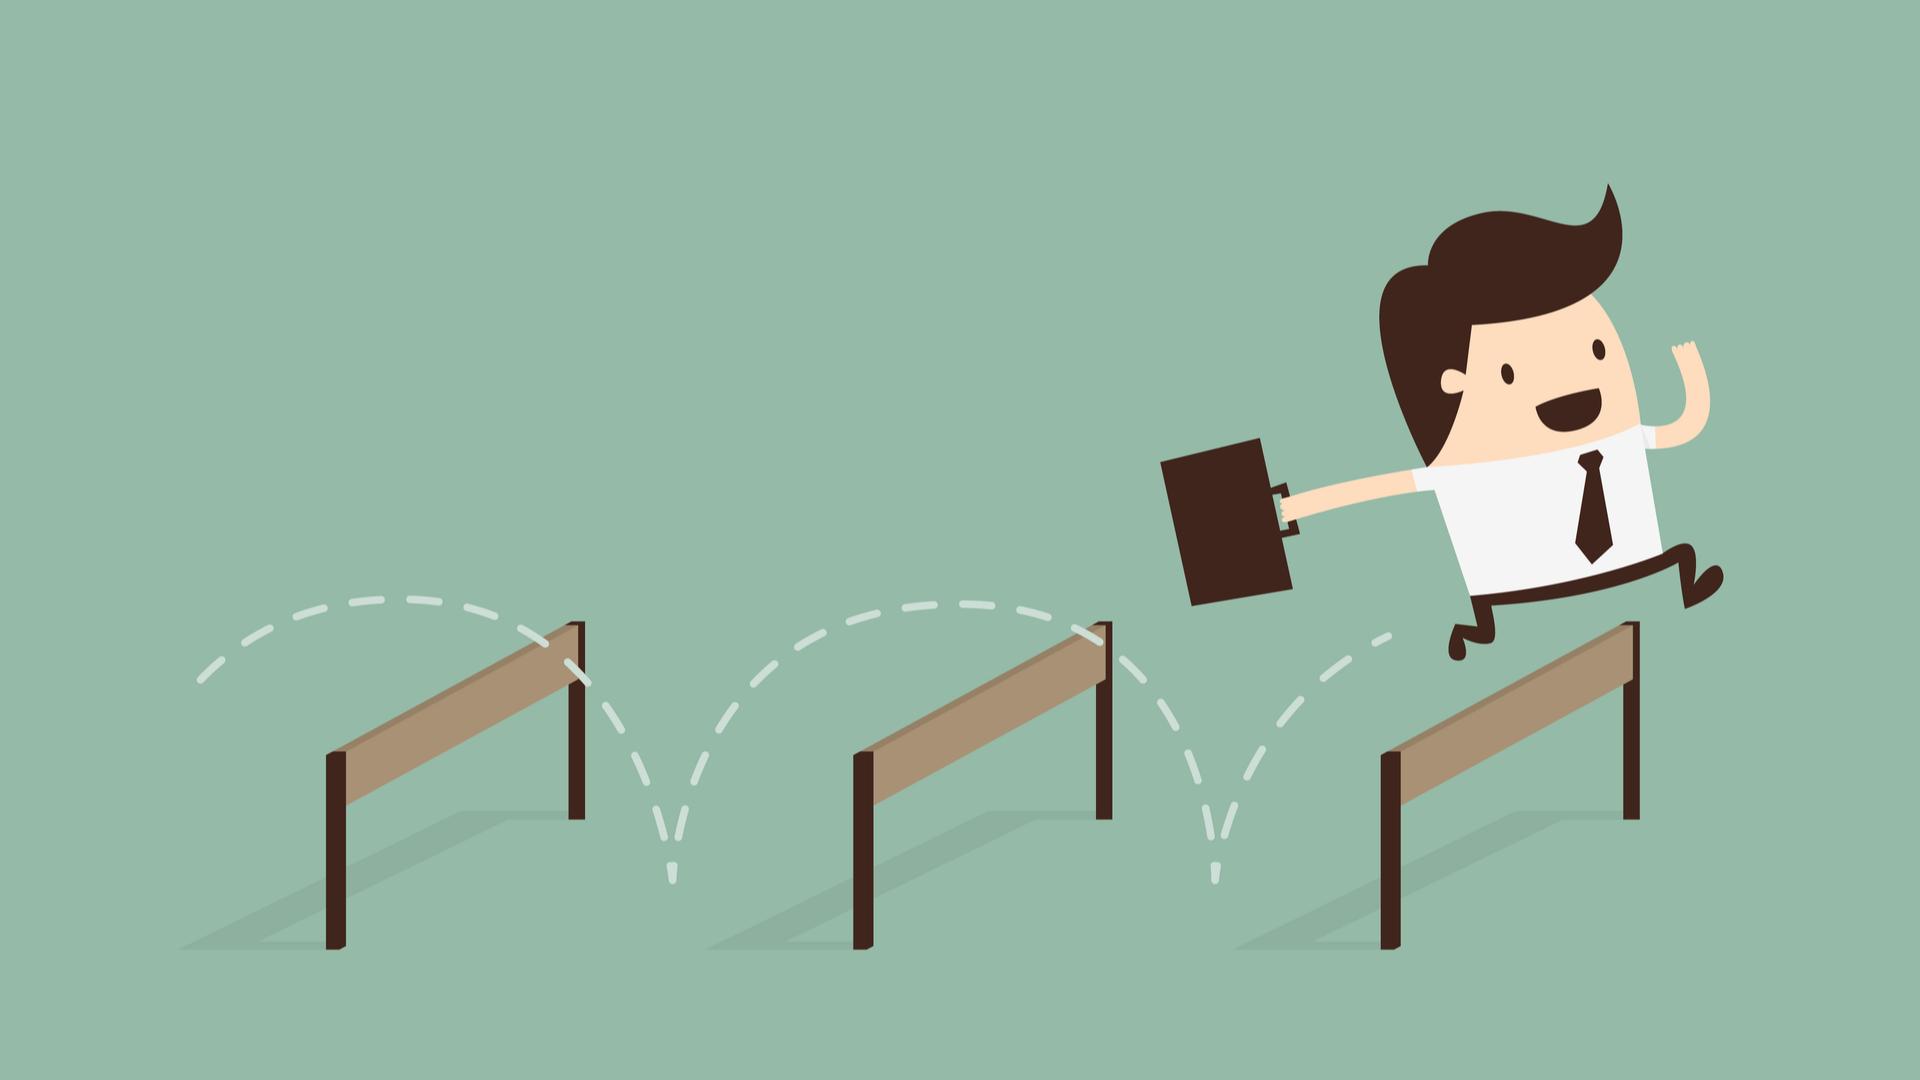 【いま話題のTTP】成功する起業家は考え方から違った!